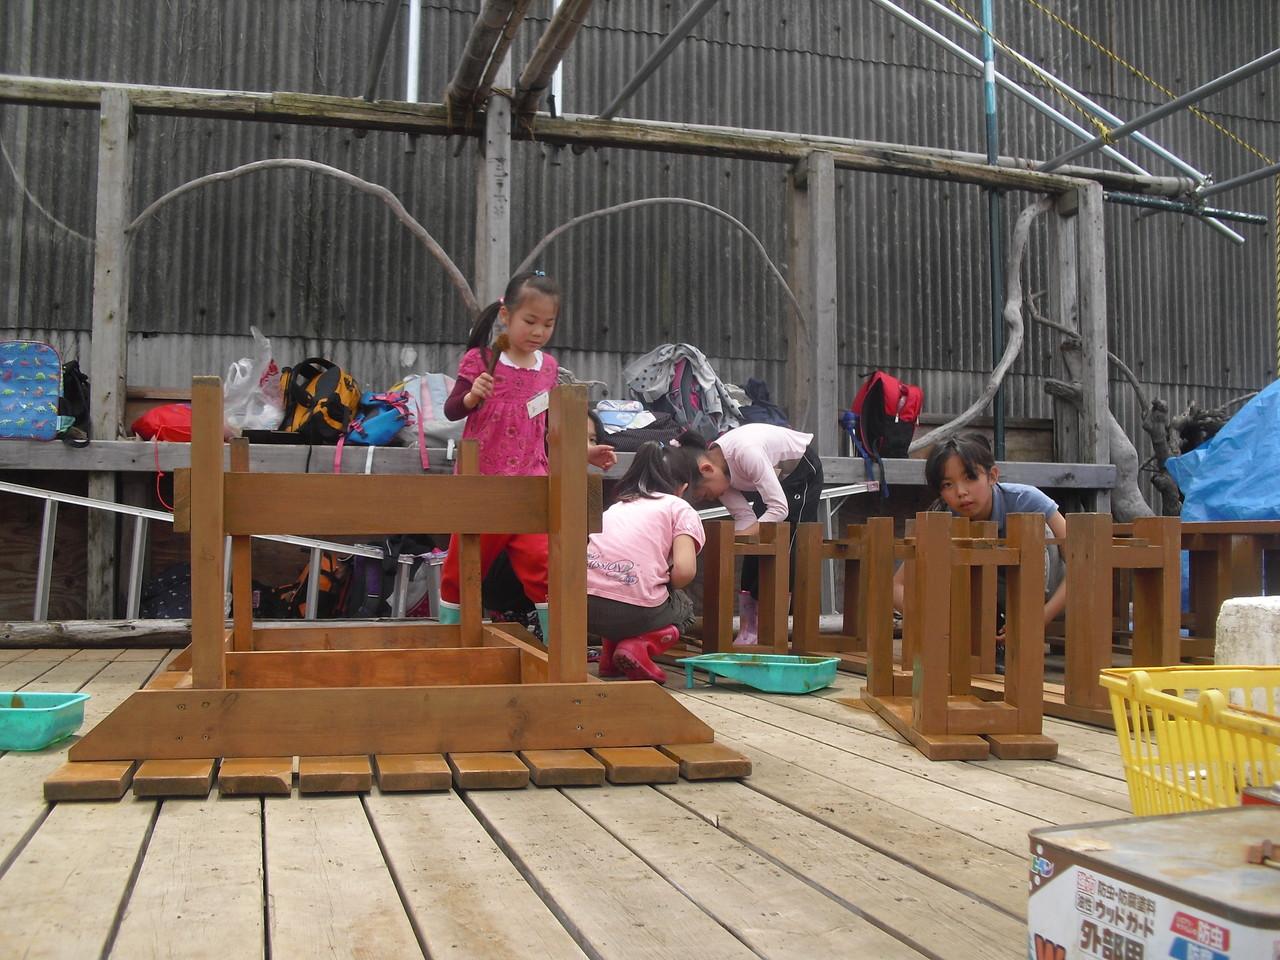 こちらはみんなで作ったテーブルと椅子に防腐剤を塗っています。